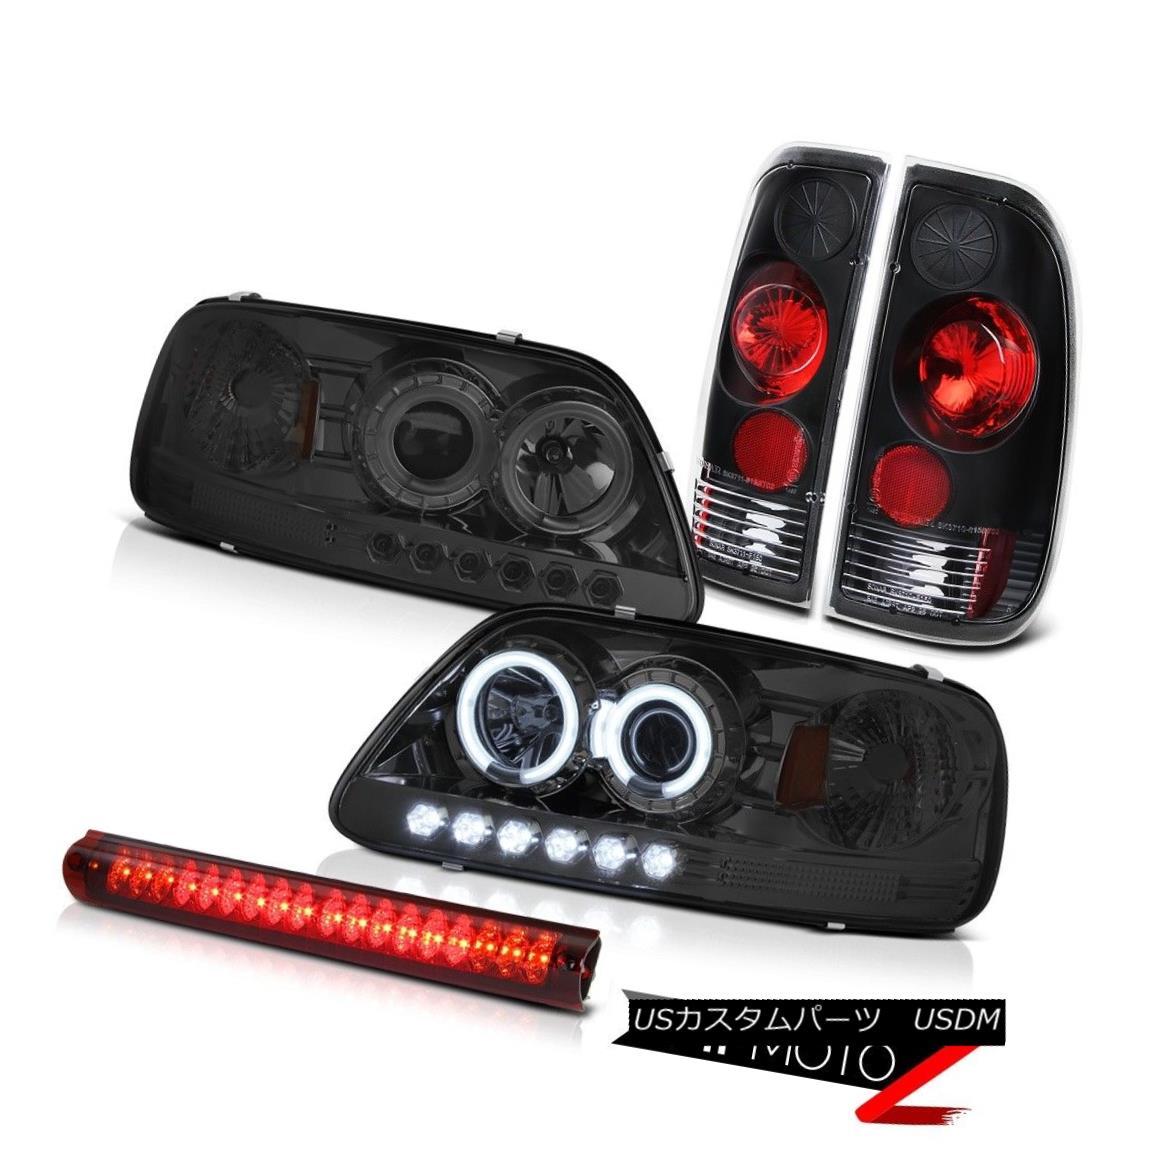 テールライト Smoke CCFL Angel Eye Headlight Signal Tail Lights Roof Brake Lamp 1997-2003 F150 煙CCFLエンジェルアイヘッドライト信号テールライトルーフブレーキランプ1997-2003 F150